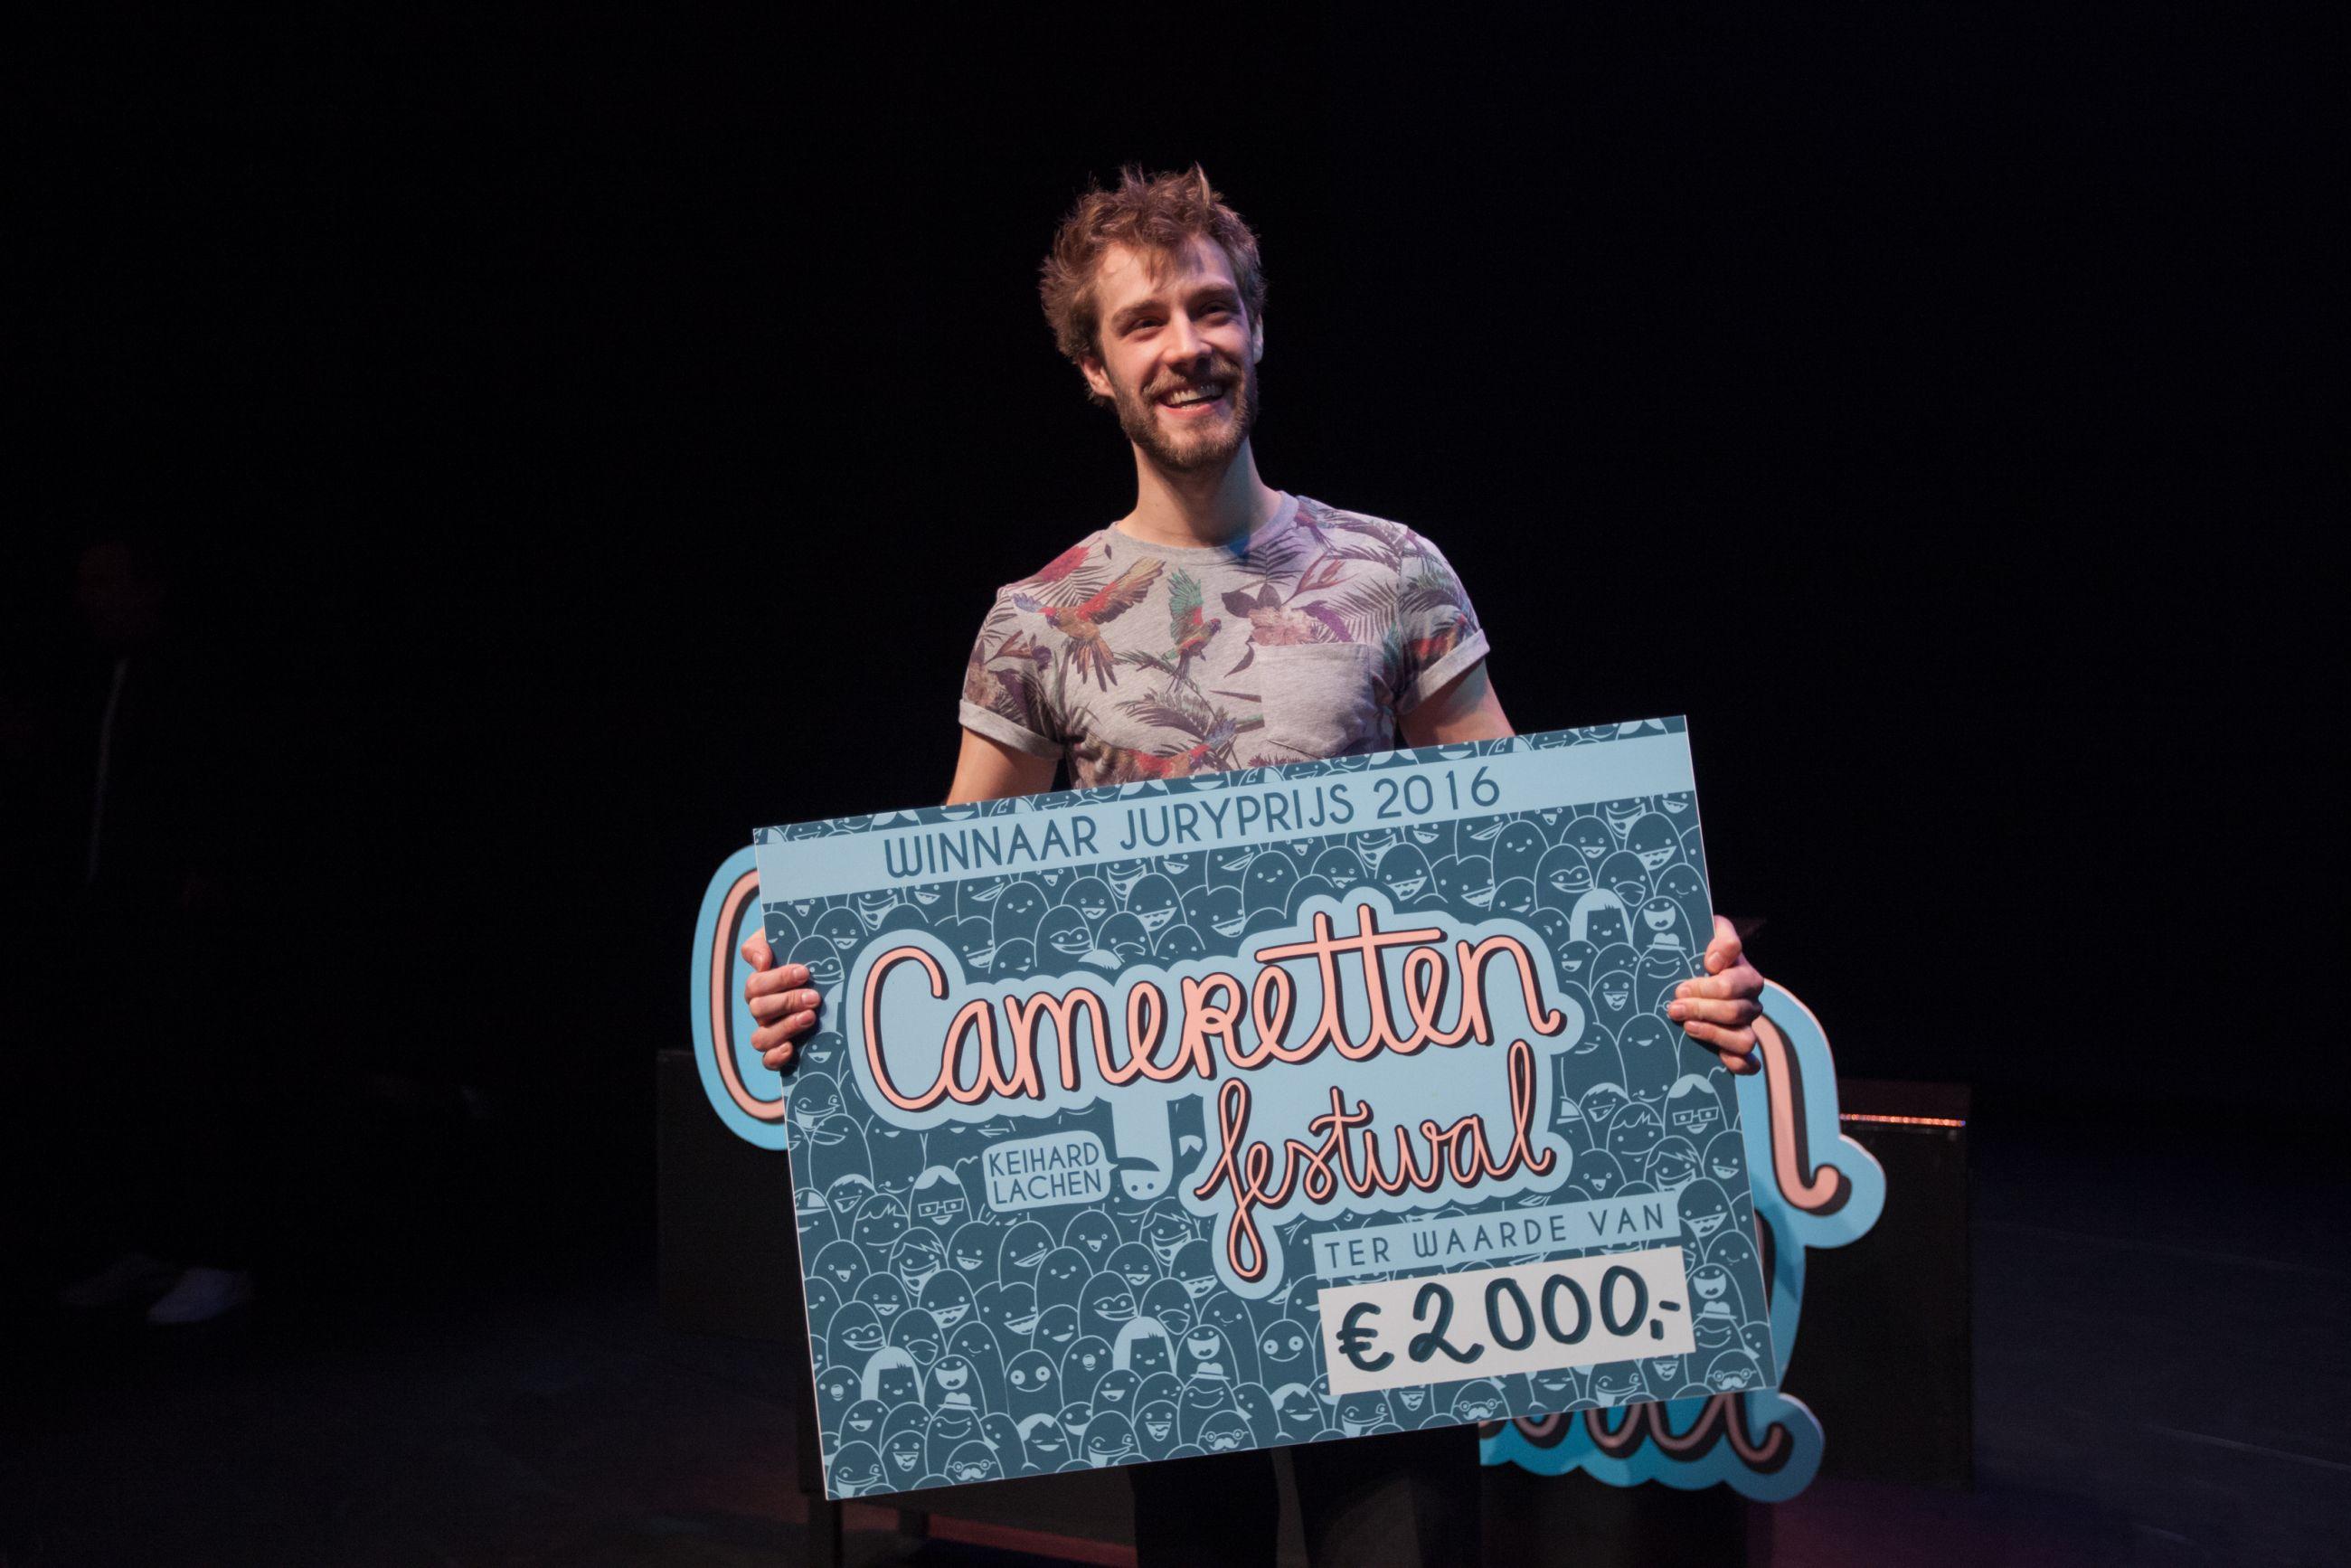 Heistenaar wint grootste Cabaretfestival van Nederland